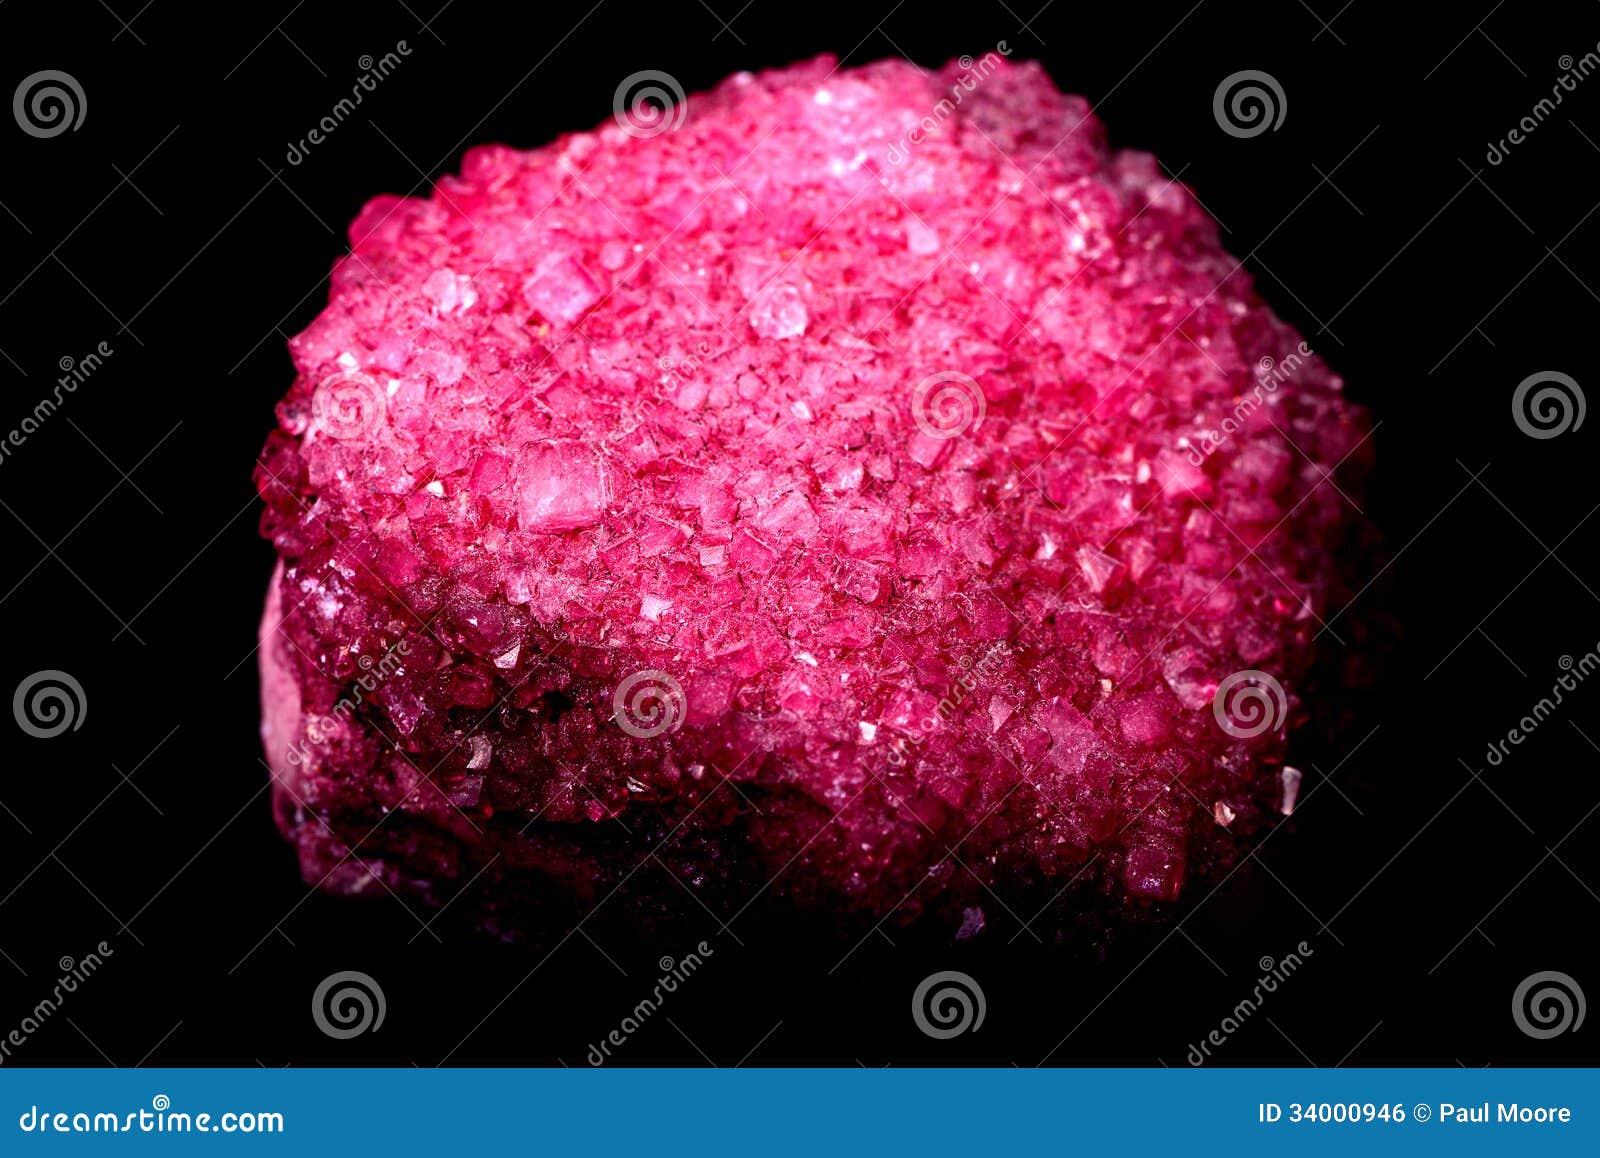 红宝石水晶